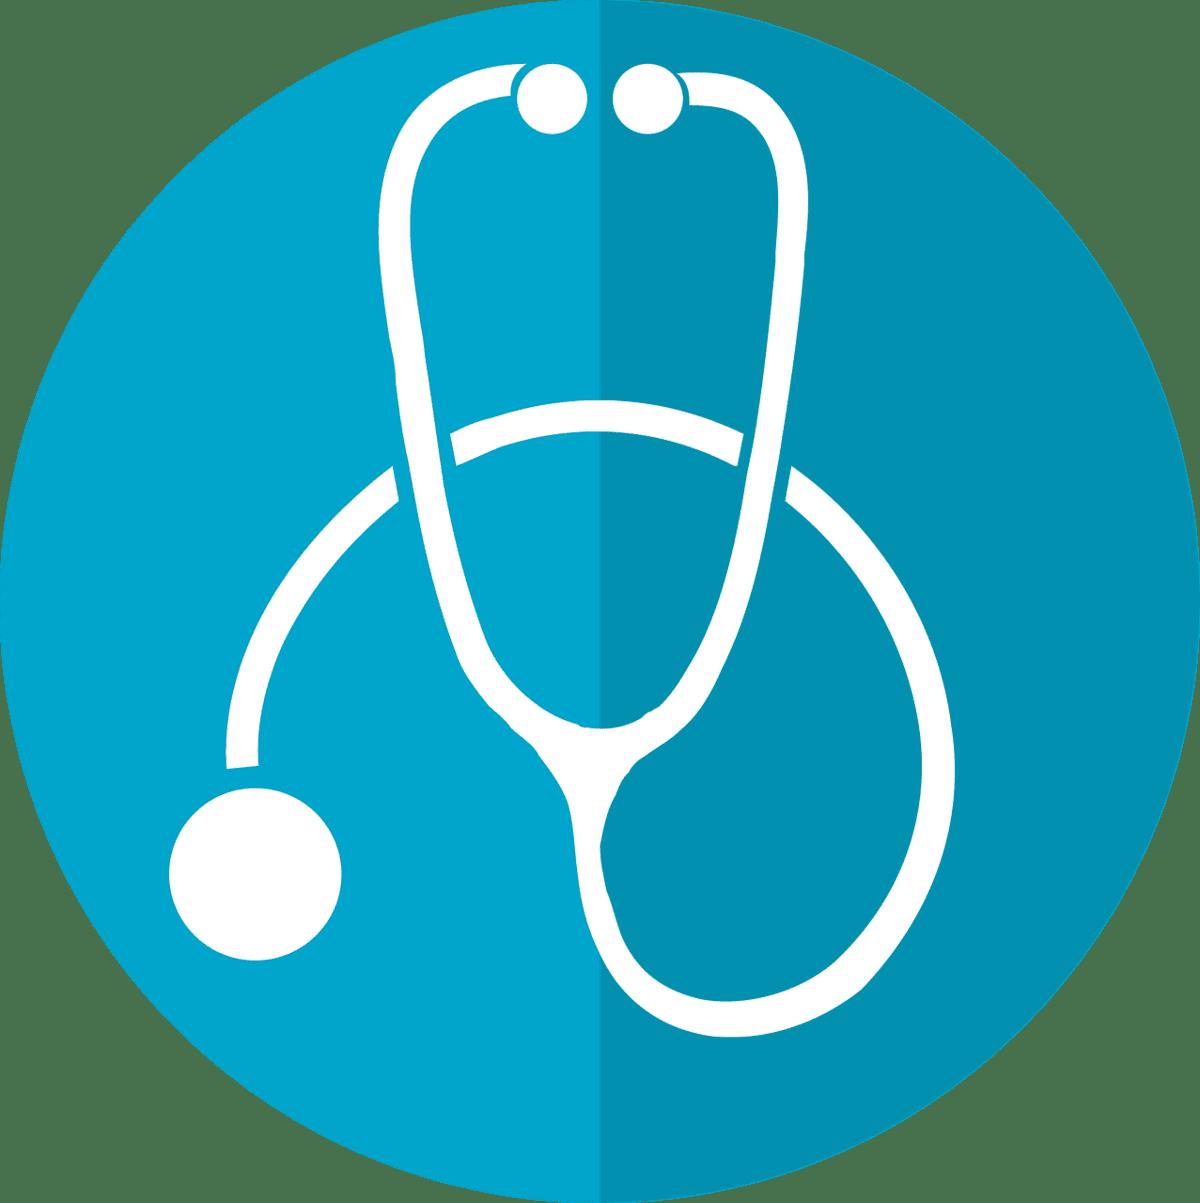 מכשיר רפואי